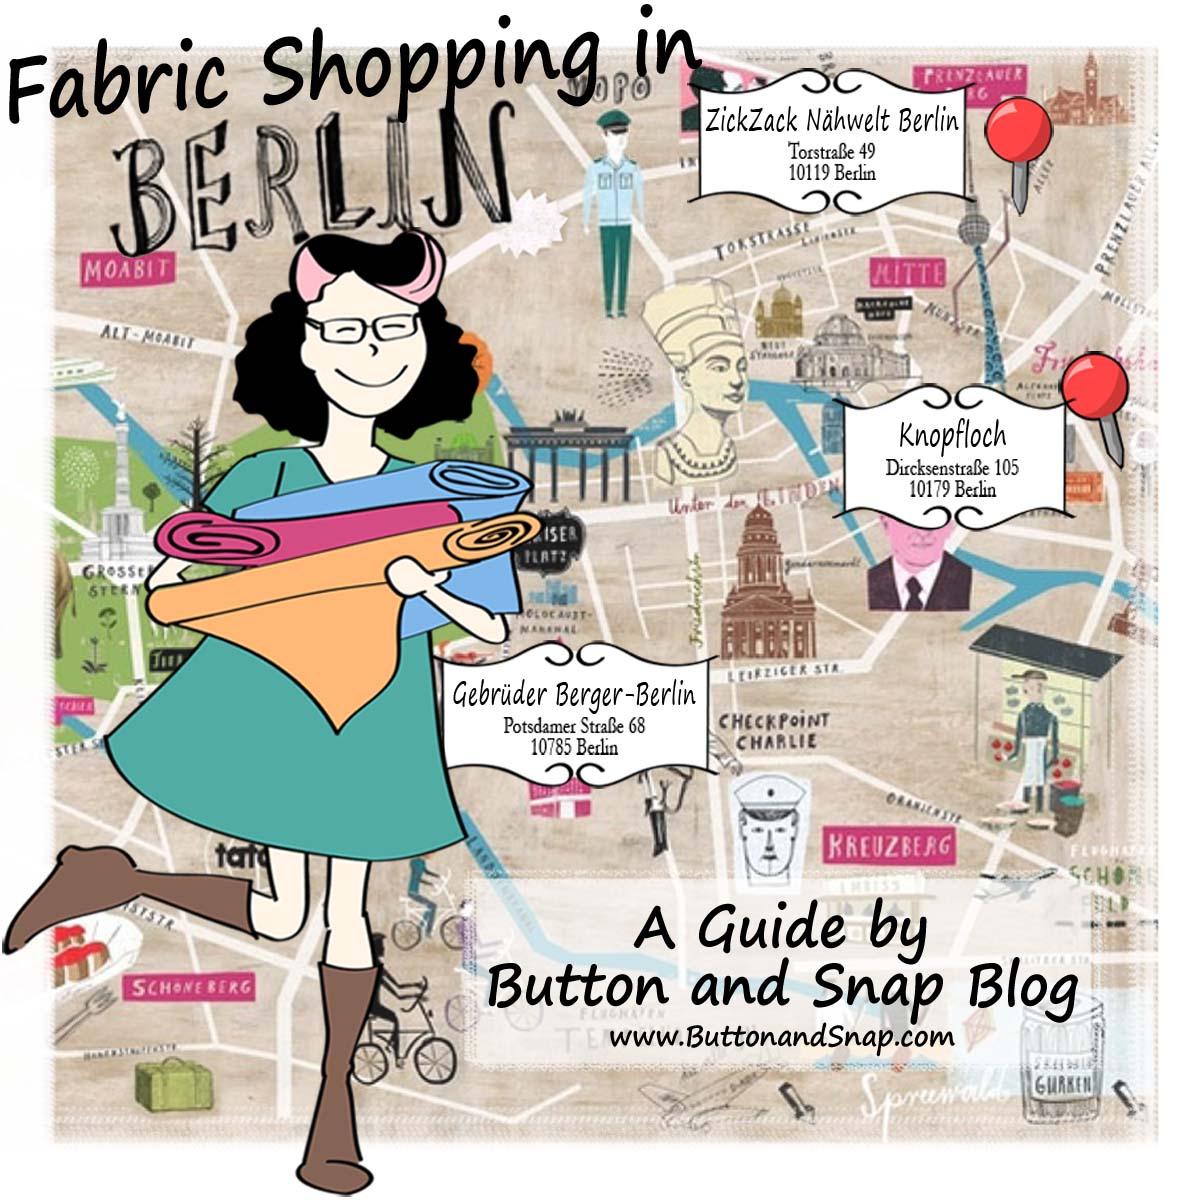 Fabric Shopping Map_FI